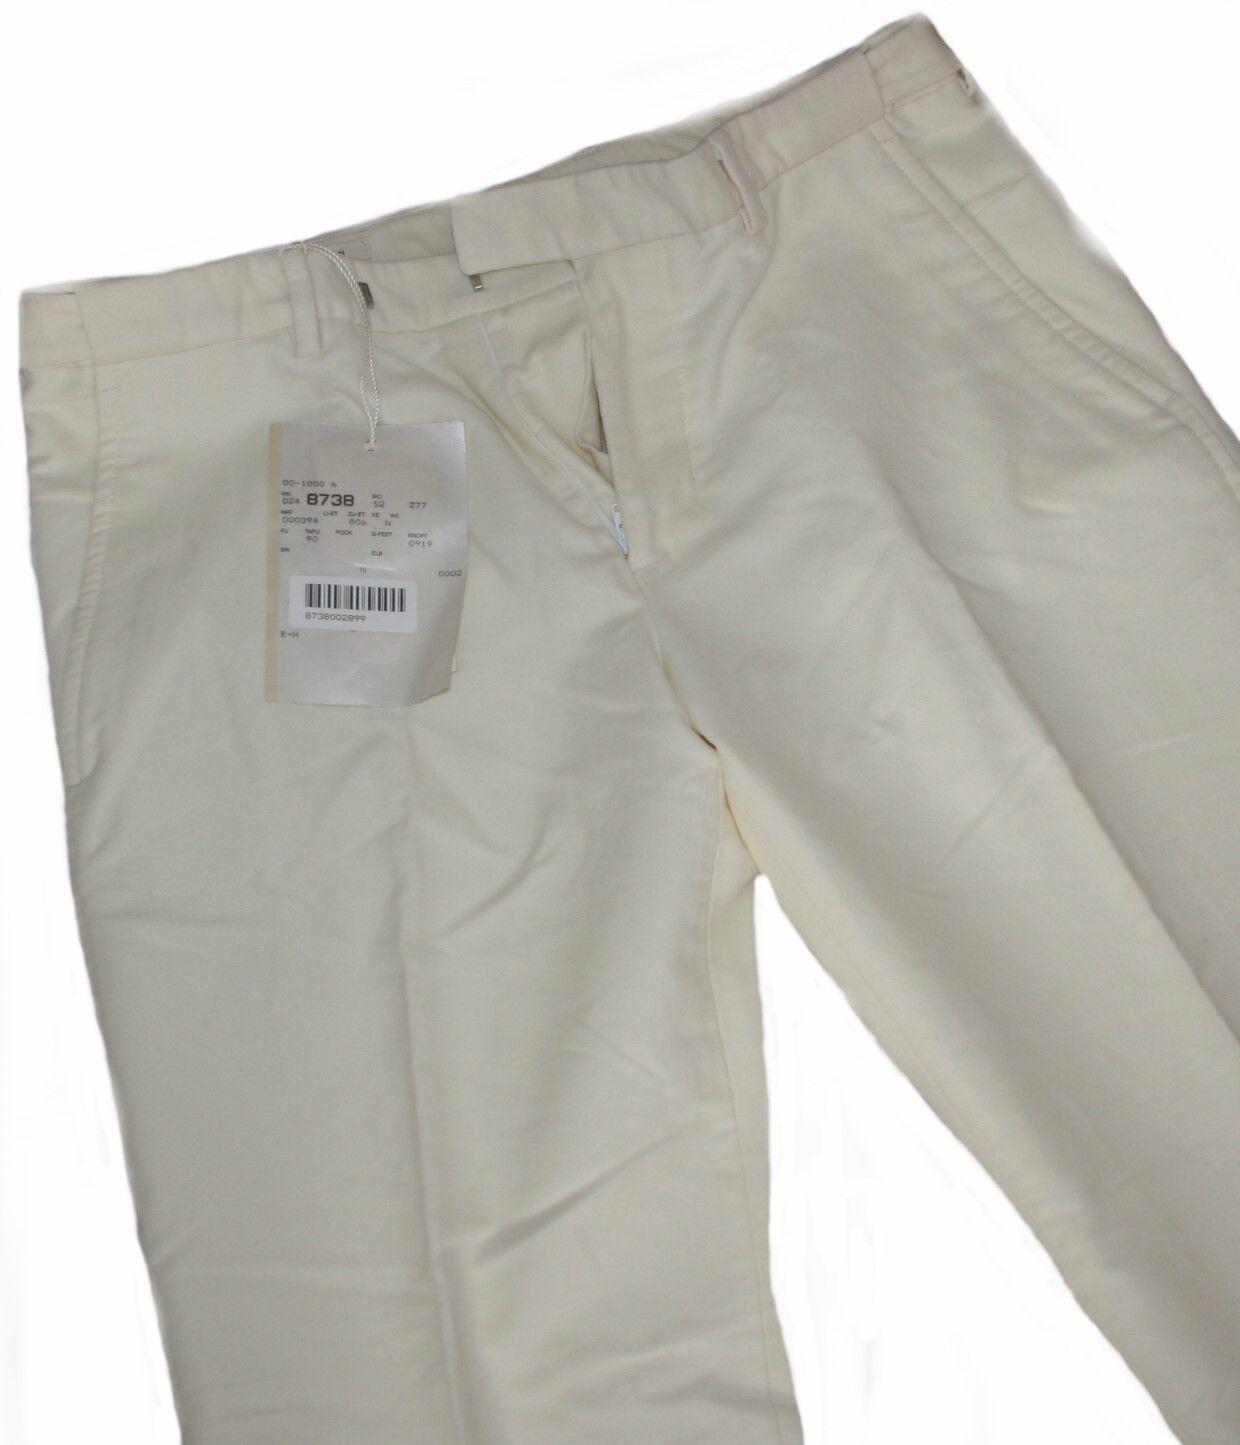 Baldessarini FIRMATO egiziano cotone B310 Pantaloni Pantaloni Pantaloni TGL 50 416d83